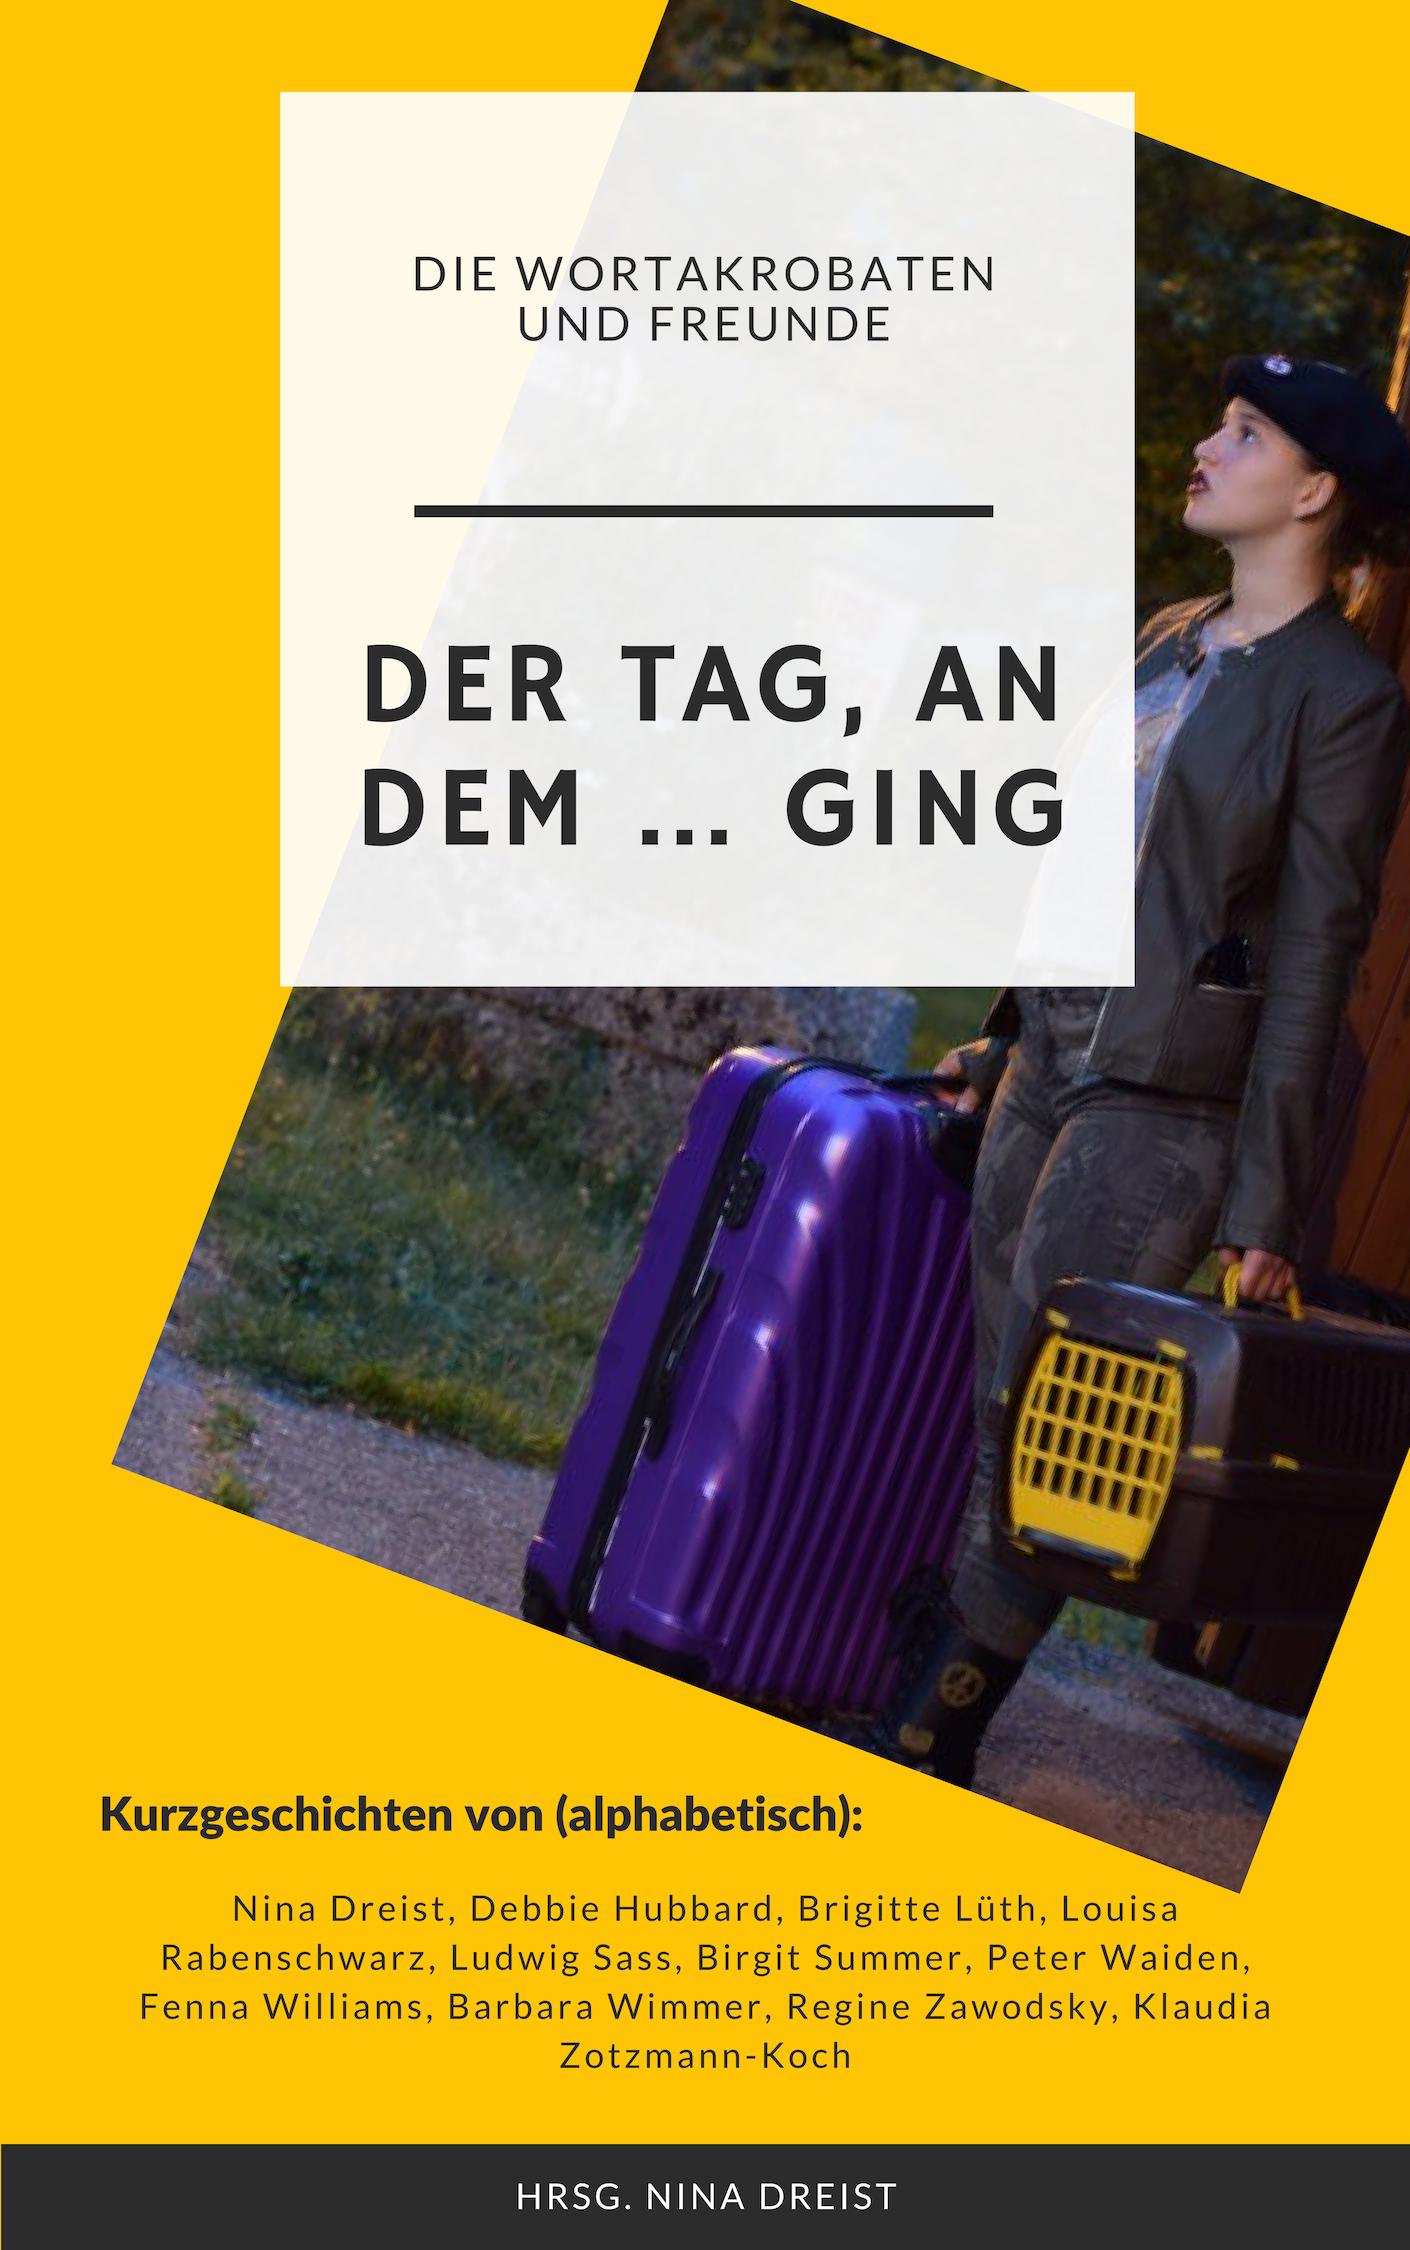 Buchcover mit einem Mädchen mit Koffer und Katzenkorb an einer Busstation